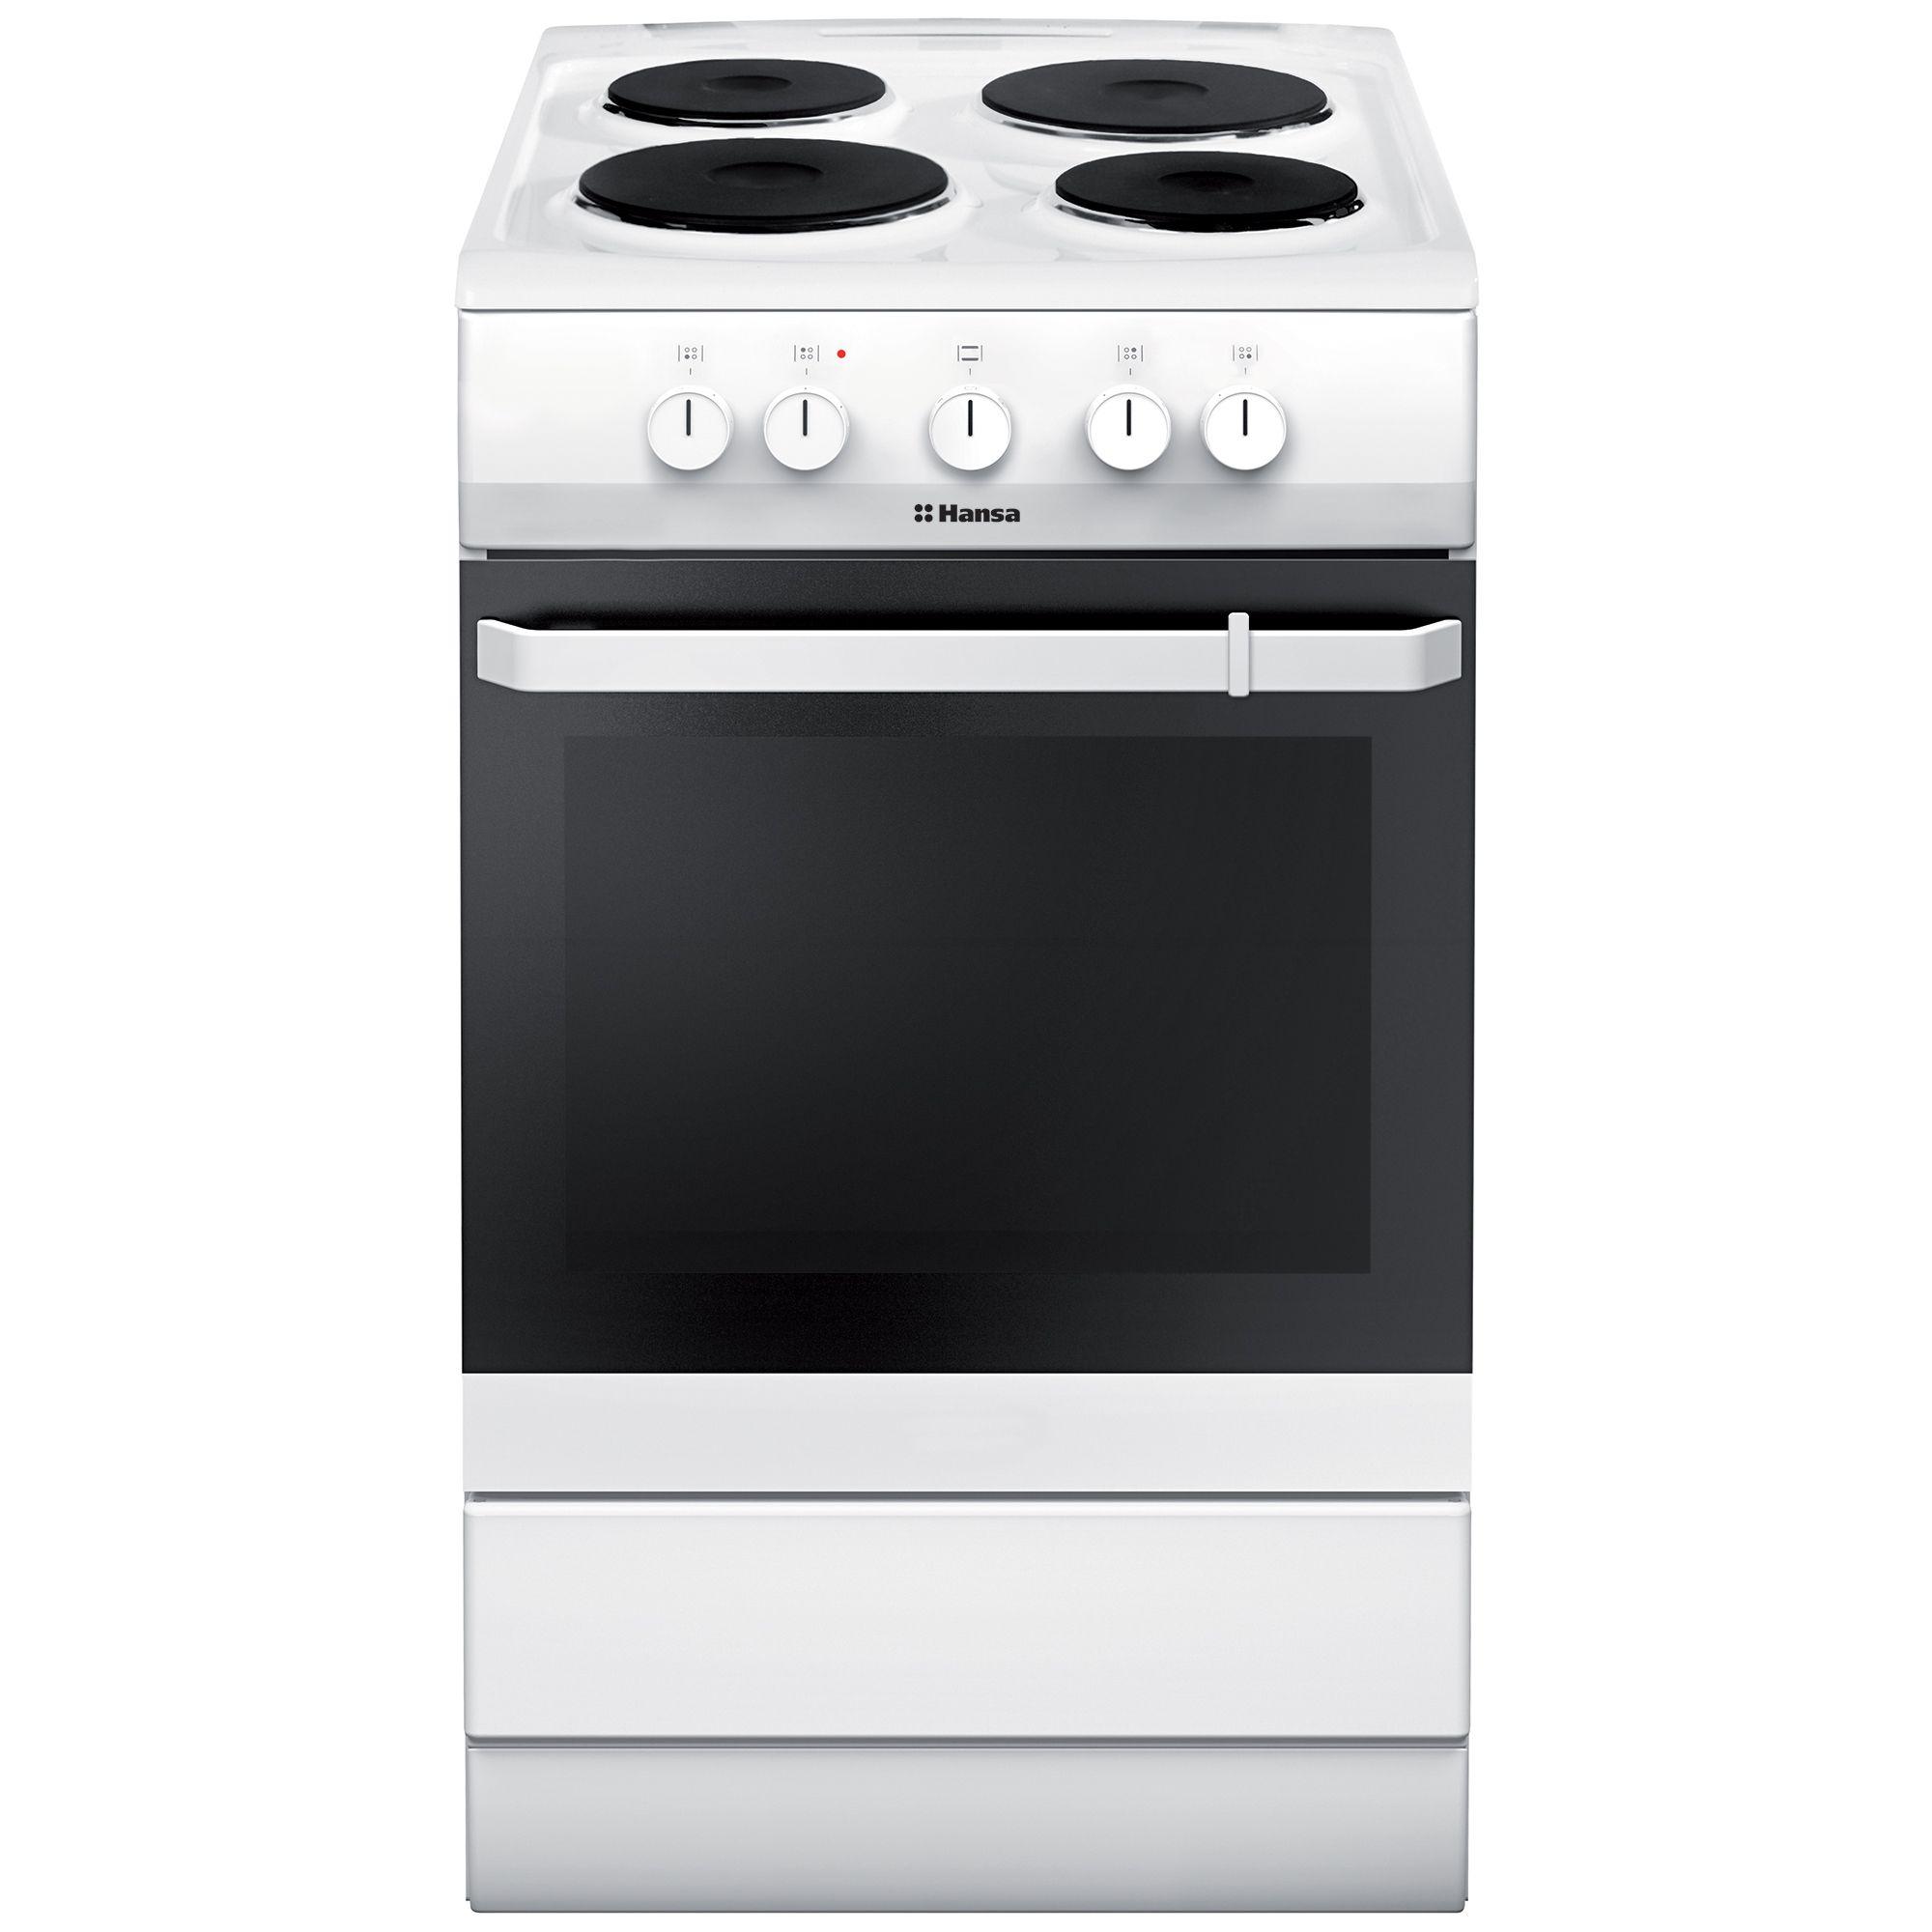 Електрическа готварска печка Hansa FCEW53001, 4 Нагревателни зони, Клас A, 50 см, Бяла